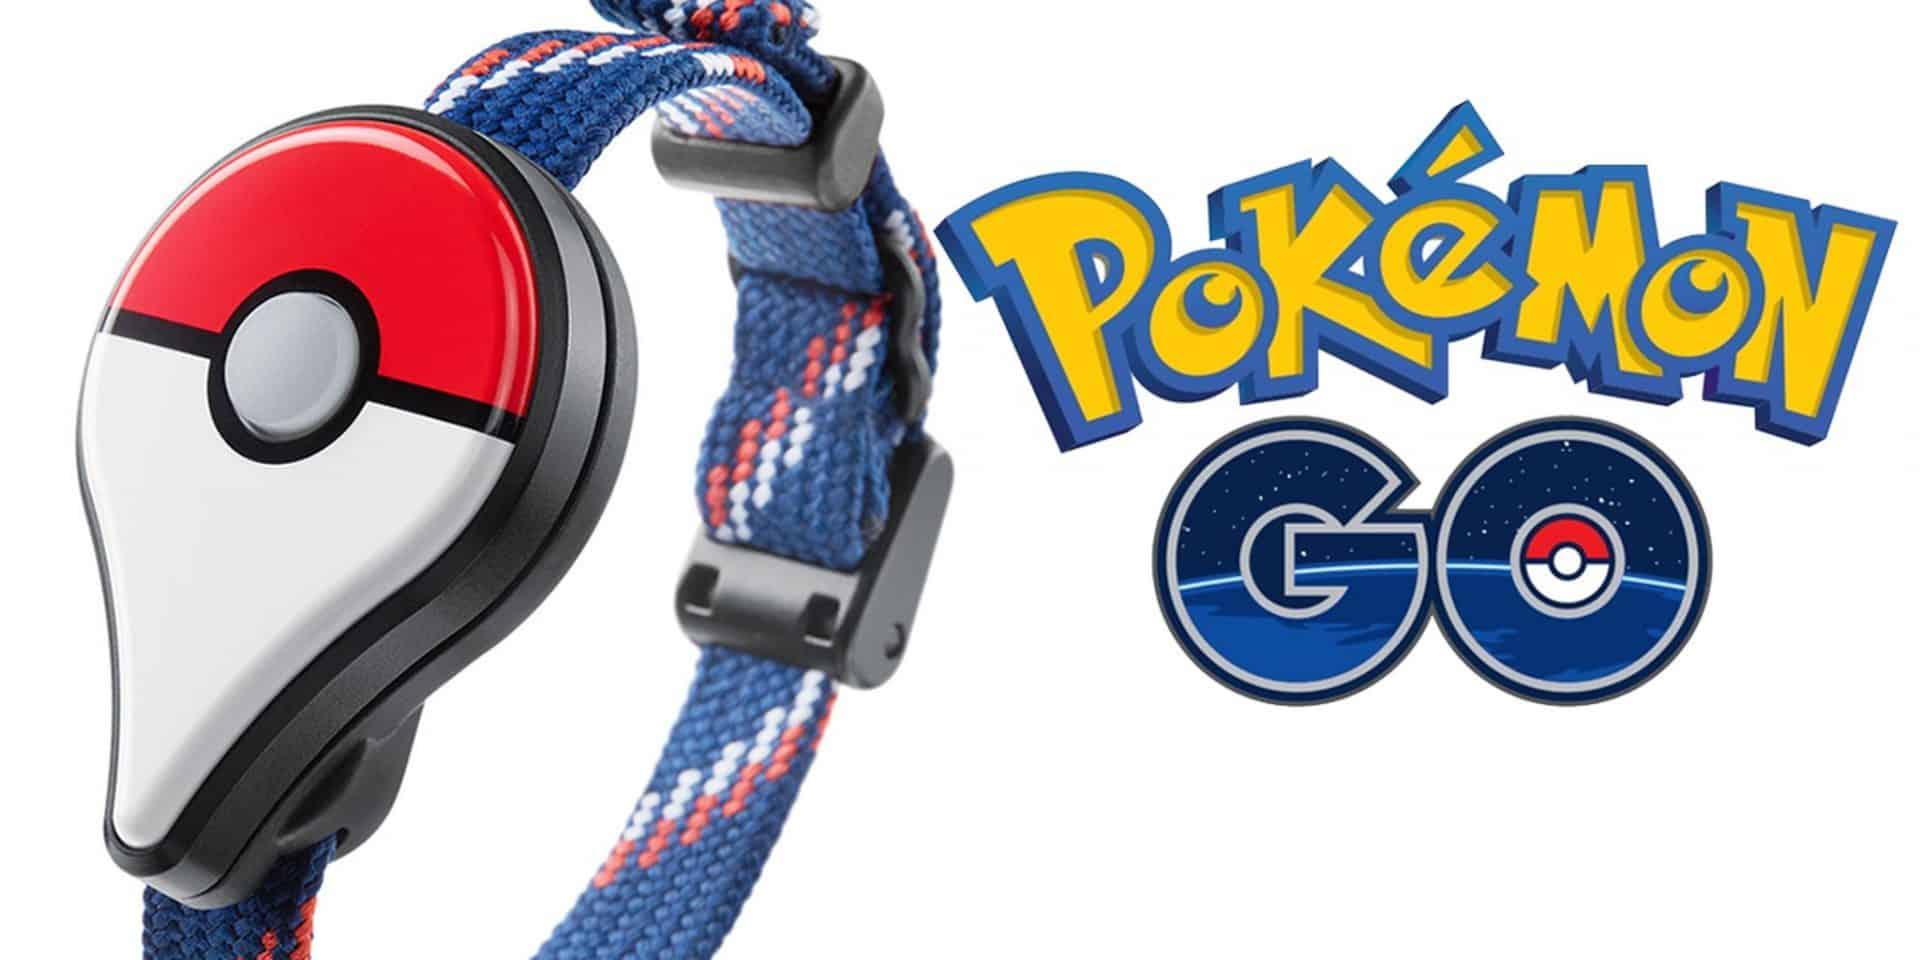 Le Pokémon GO Plus est annoncé pour le 16 septembre